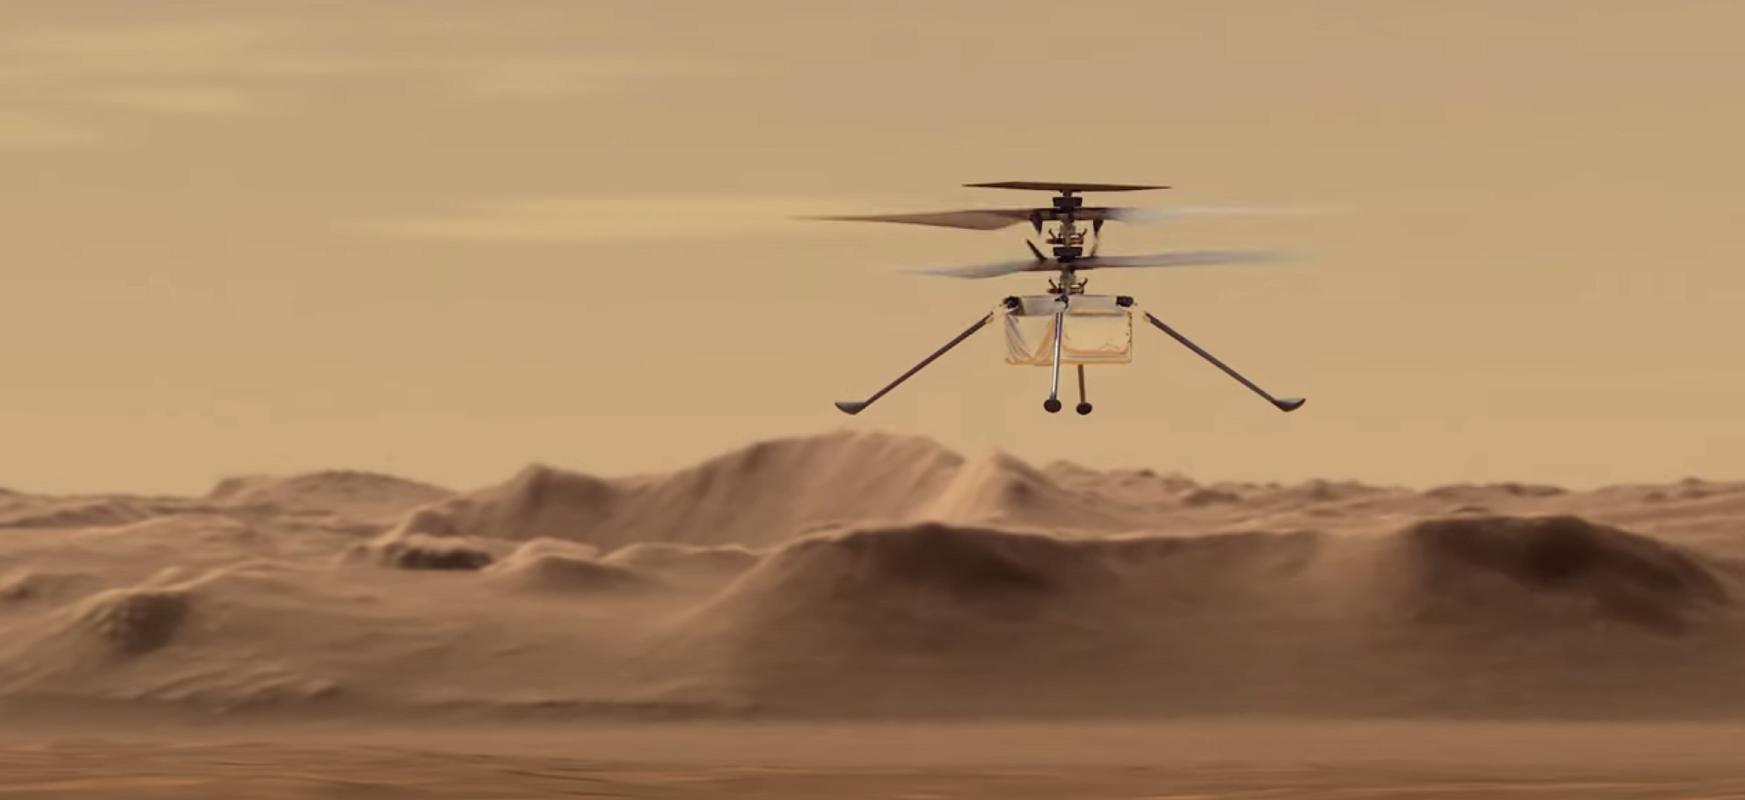 Helikoptero batek Martera hegan egingo du aste gutxi barru.  Ingenuitatea aireratzeko prest